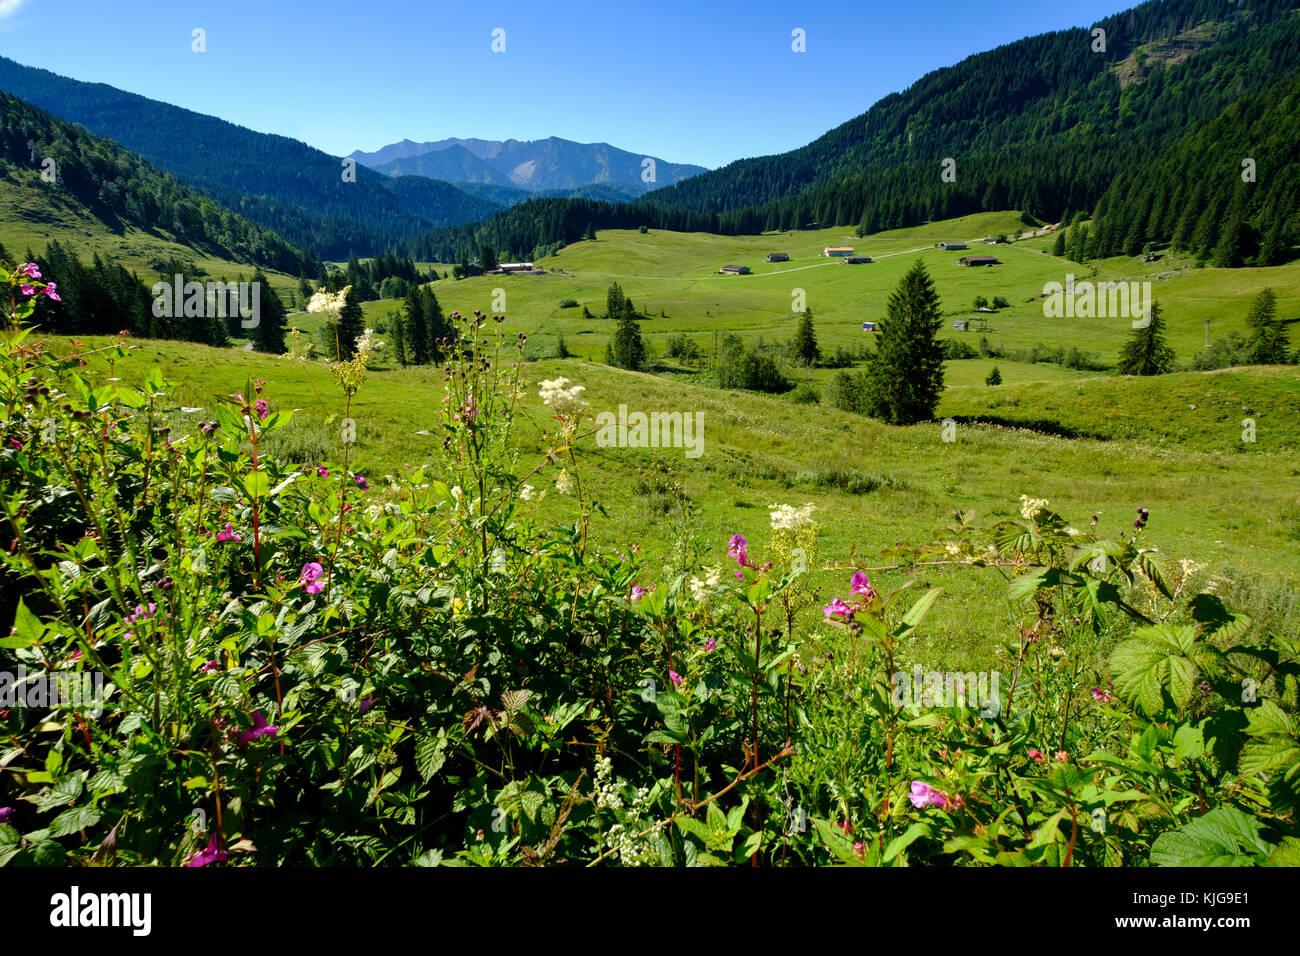 Valeppalmboden mit der Albert Link Hütte, Spitzingseegebiet, Oberbayern Bayern Deutschland - Stock Image